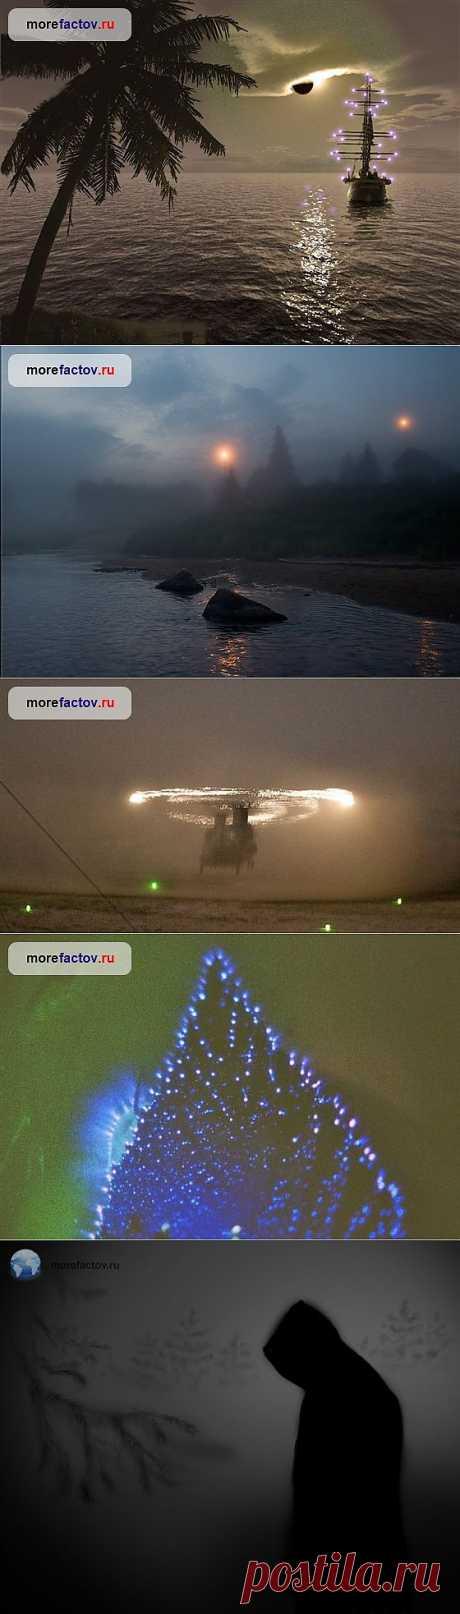 Огни святого Эльма или холодный огонь - уникальный природный феномен - Море Фактов